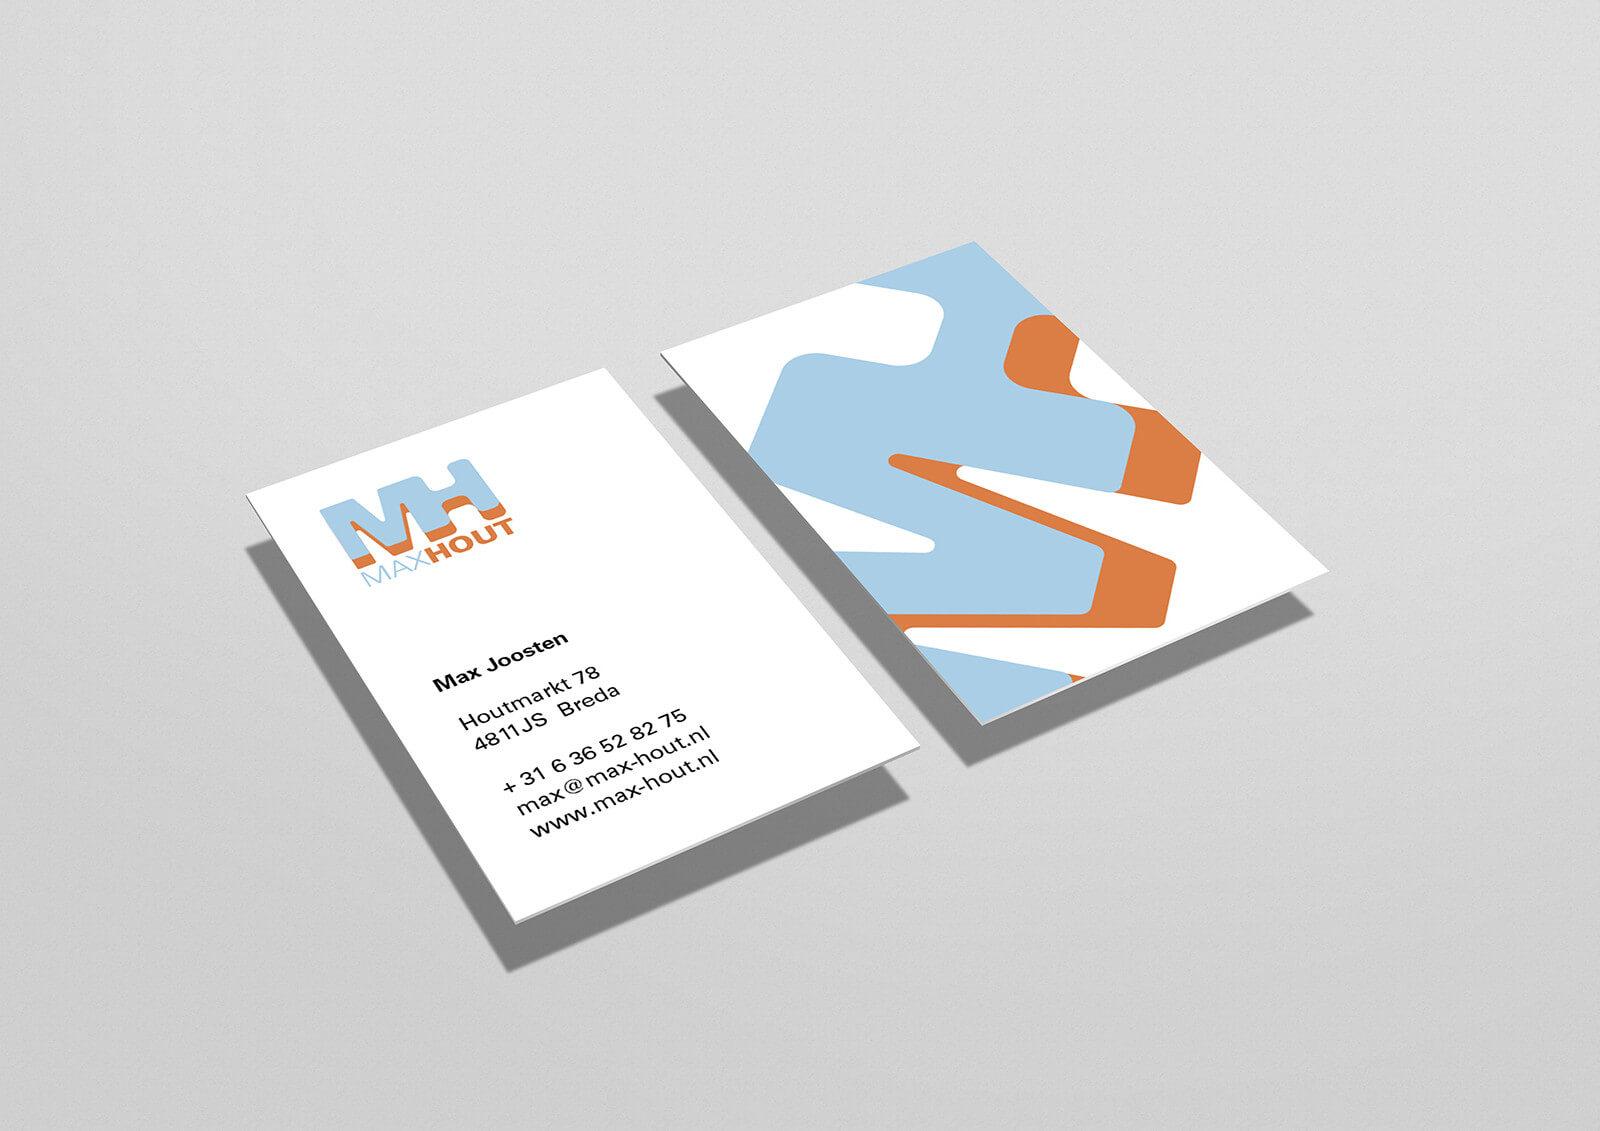 ontwerp visitekaartje Max Hout houtimport